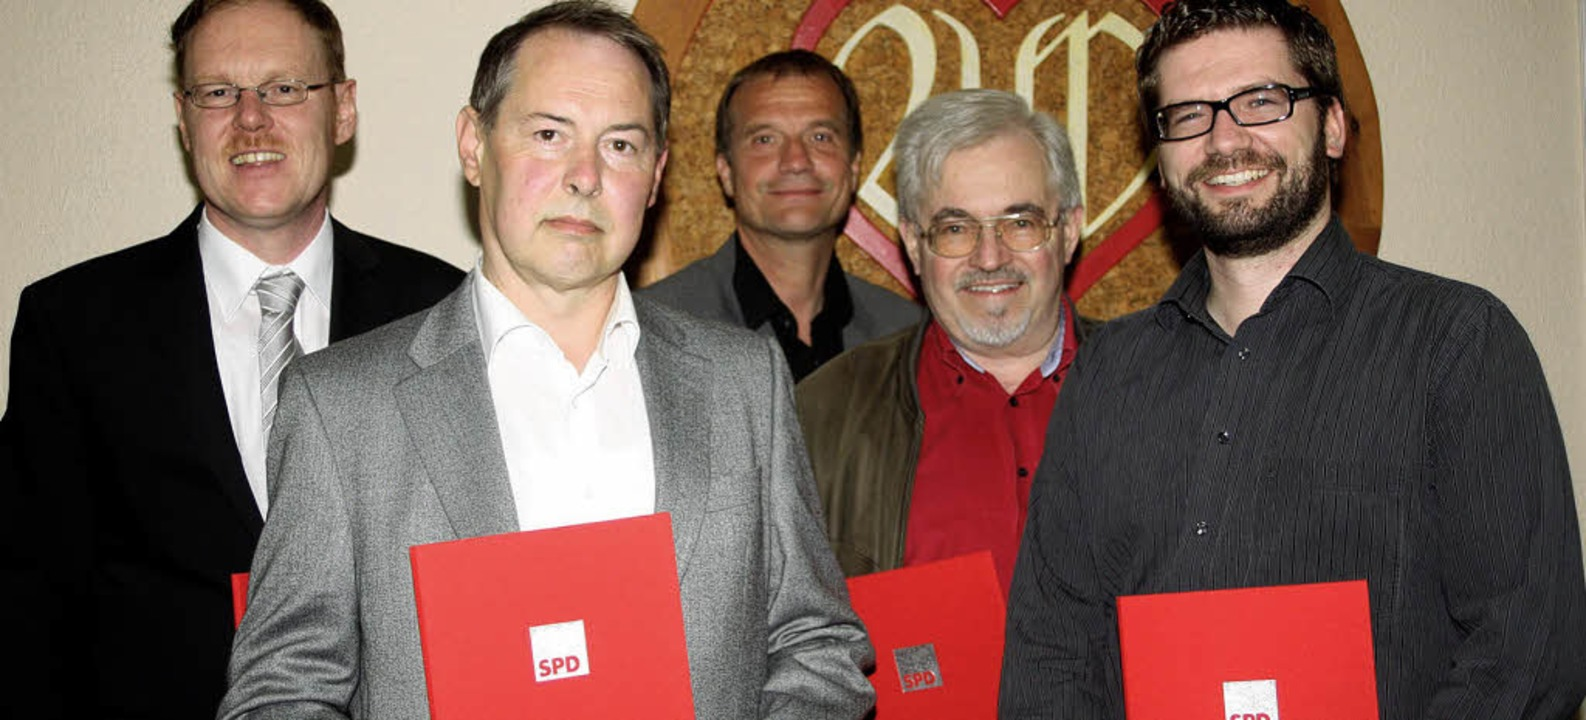 Ehrung von Steinener SPD-Mitgliedern f...hneider und Michael Hitz (von links).   | Foto: Heiner Fabry